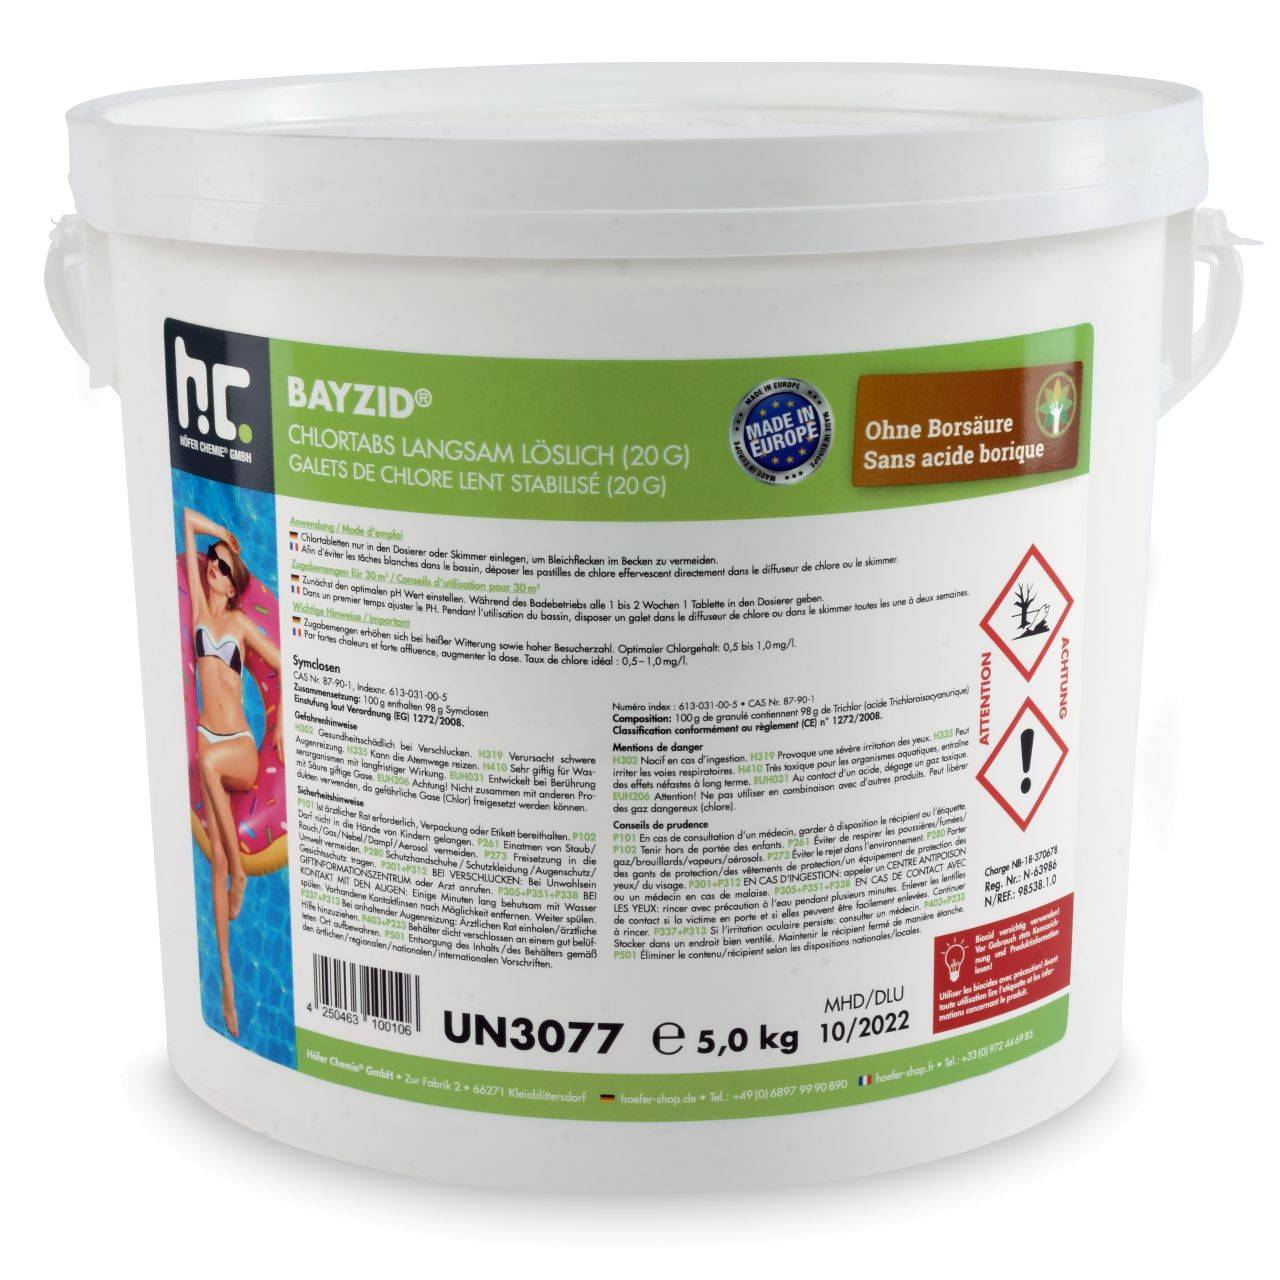 BAYZID 5 kg Bayzid® Pastilles de chlore lent (20g) (1 x 5 kg)